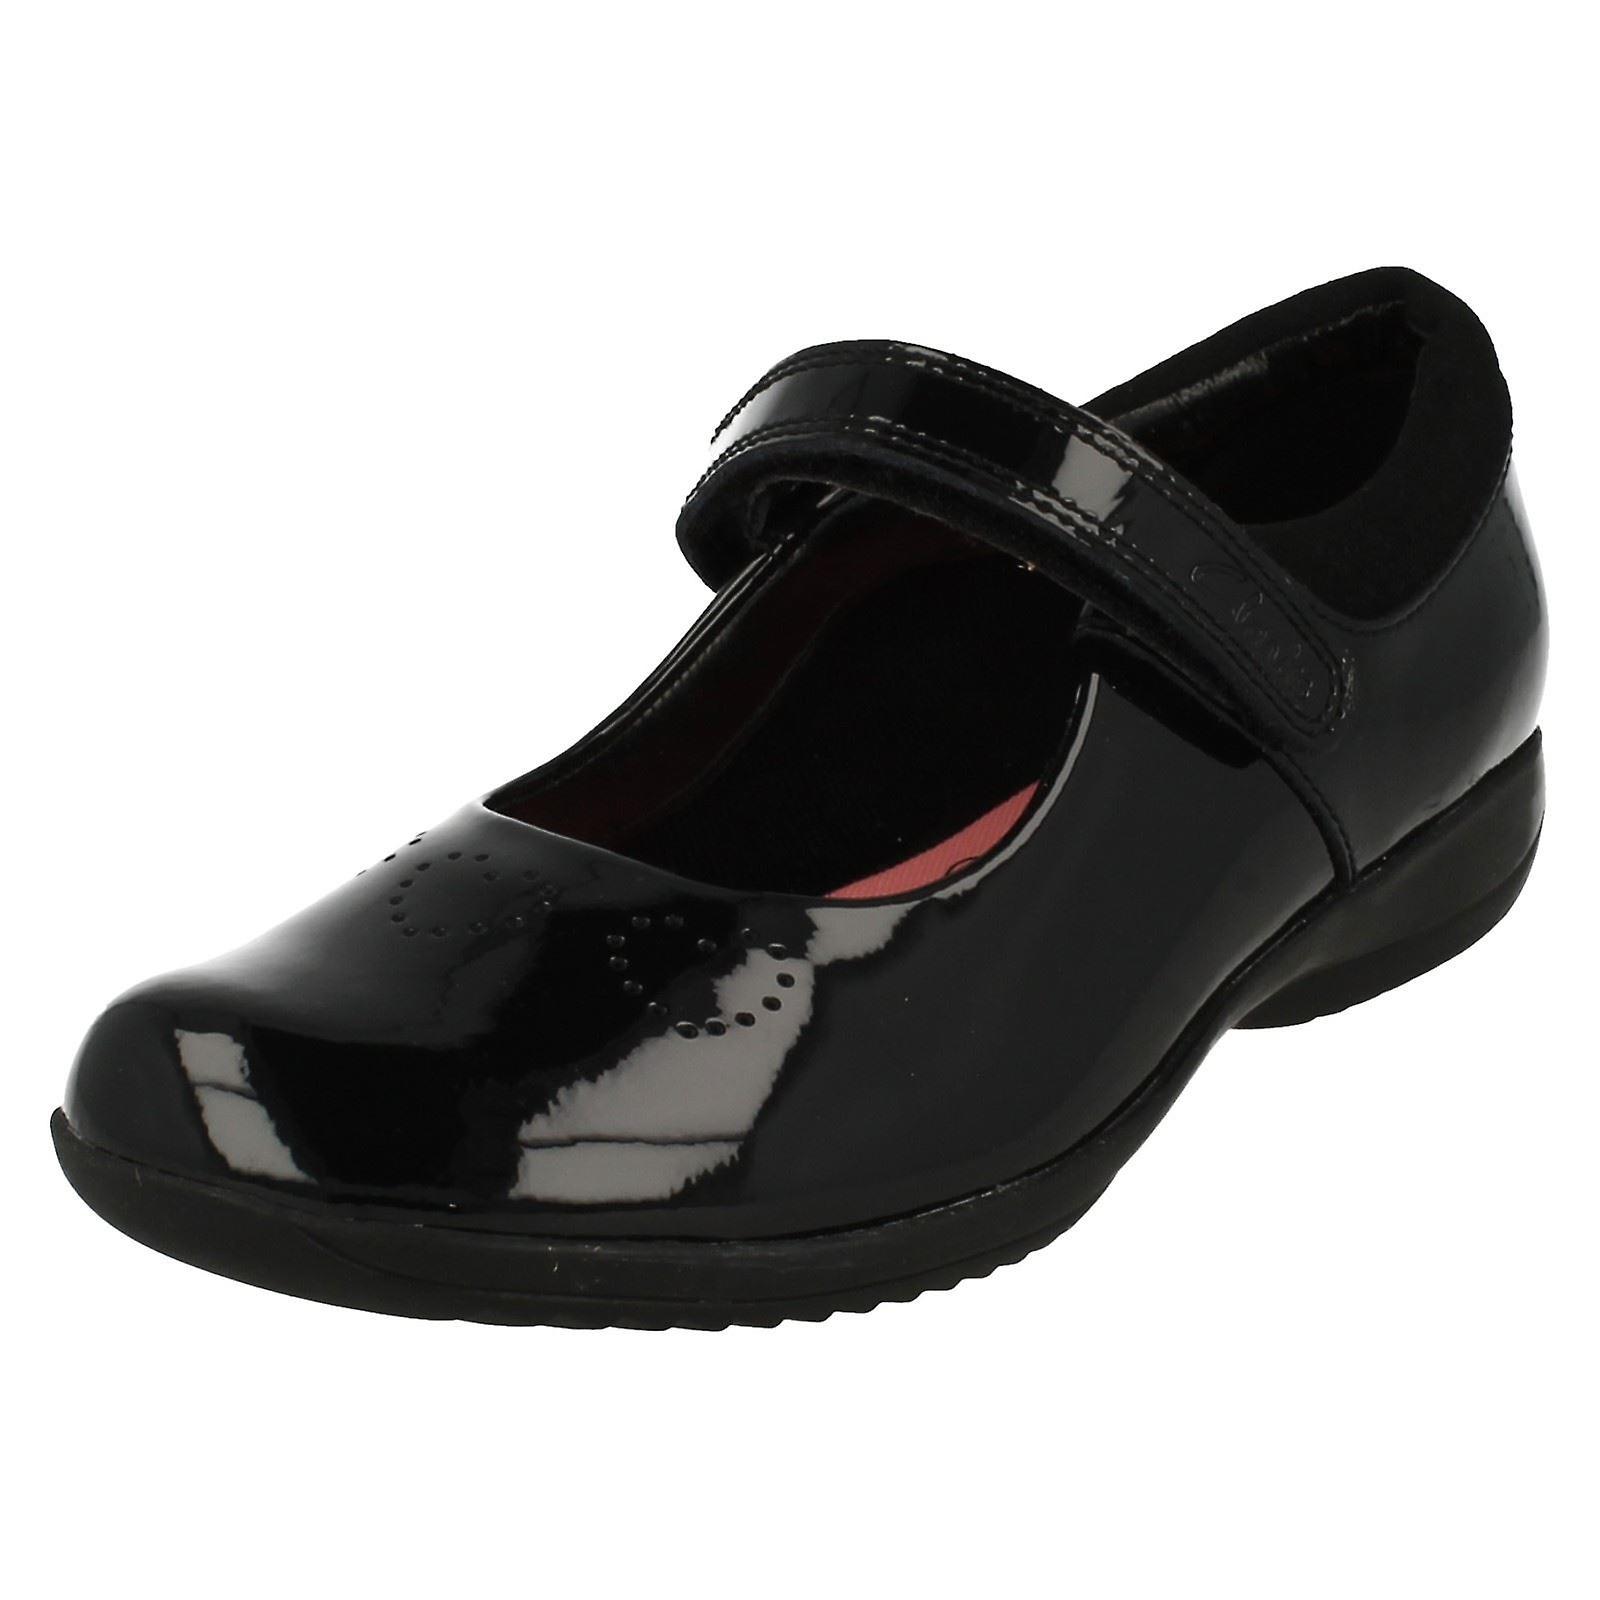 L'école primaire filles Clarks chaussures ami Fizz